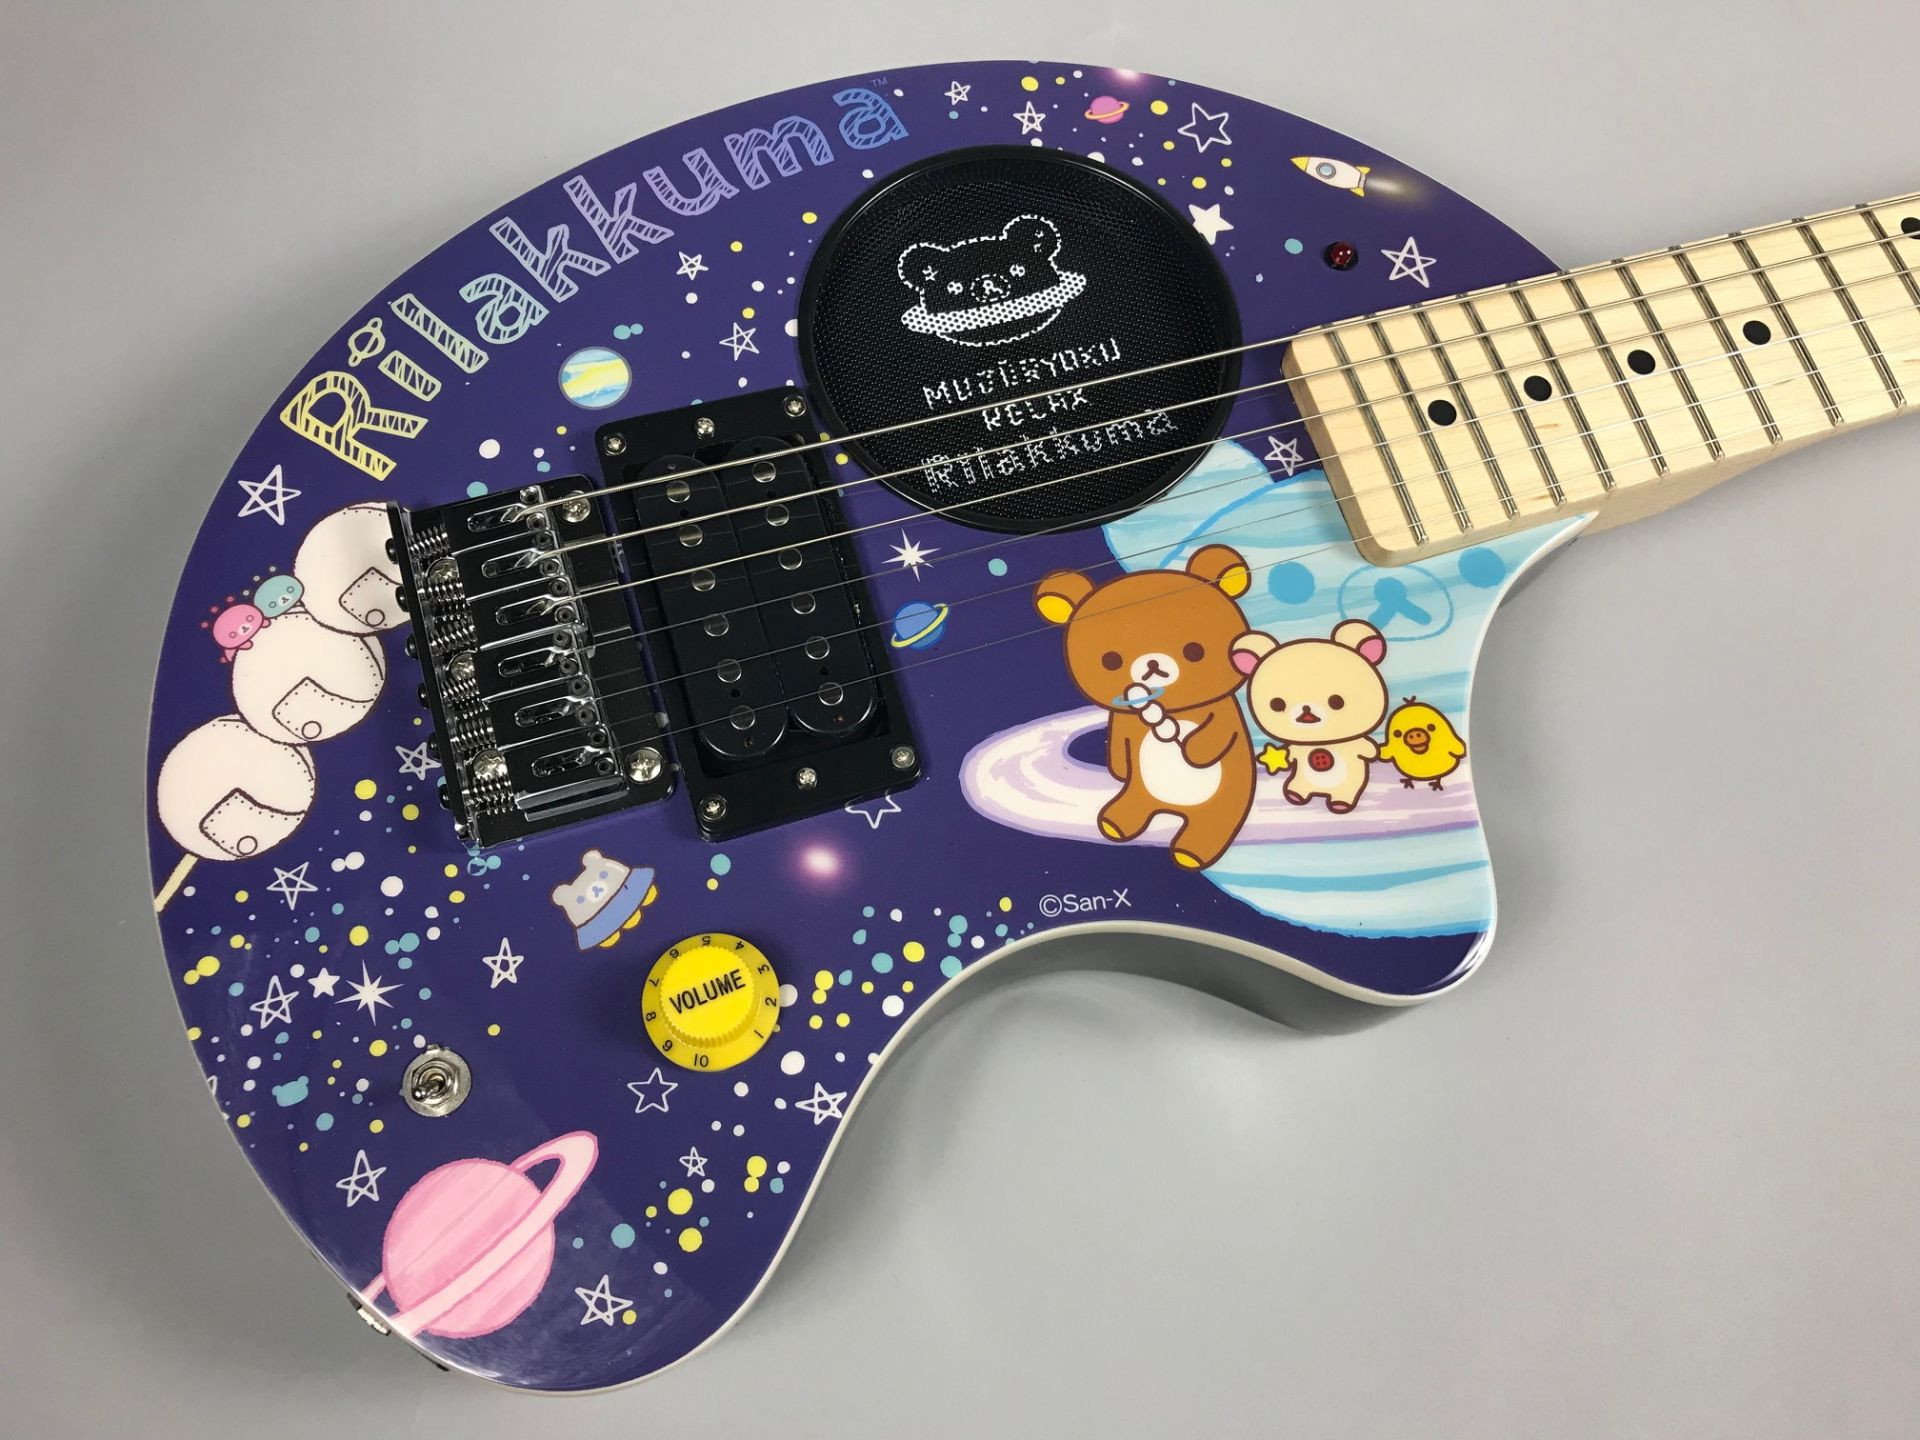 ZO-3 リラックマ UCHU(宇宙) 2018年新モデル